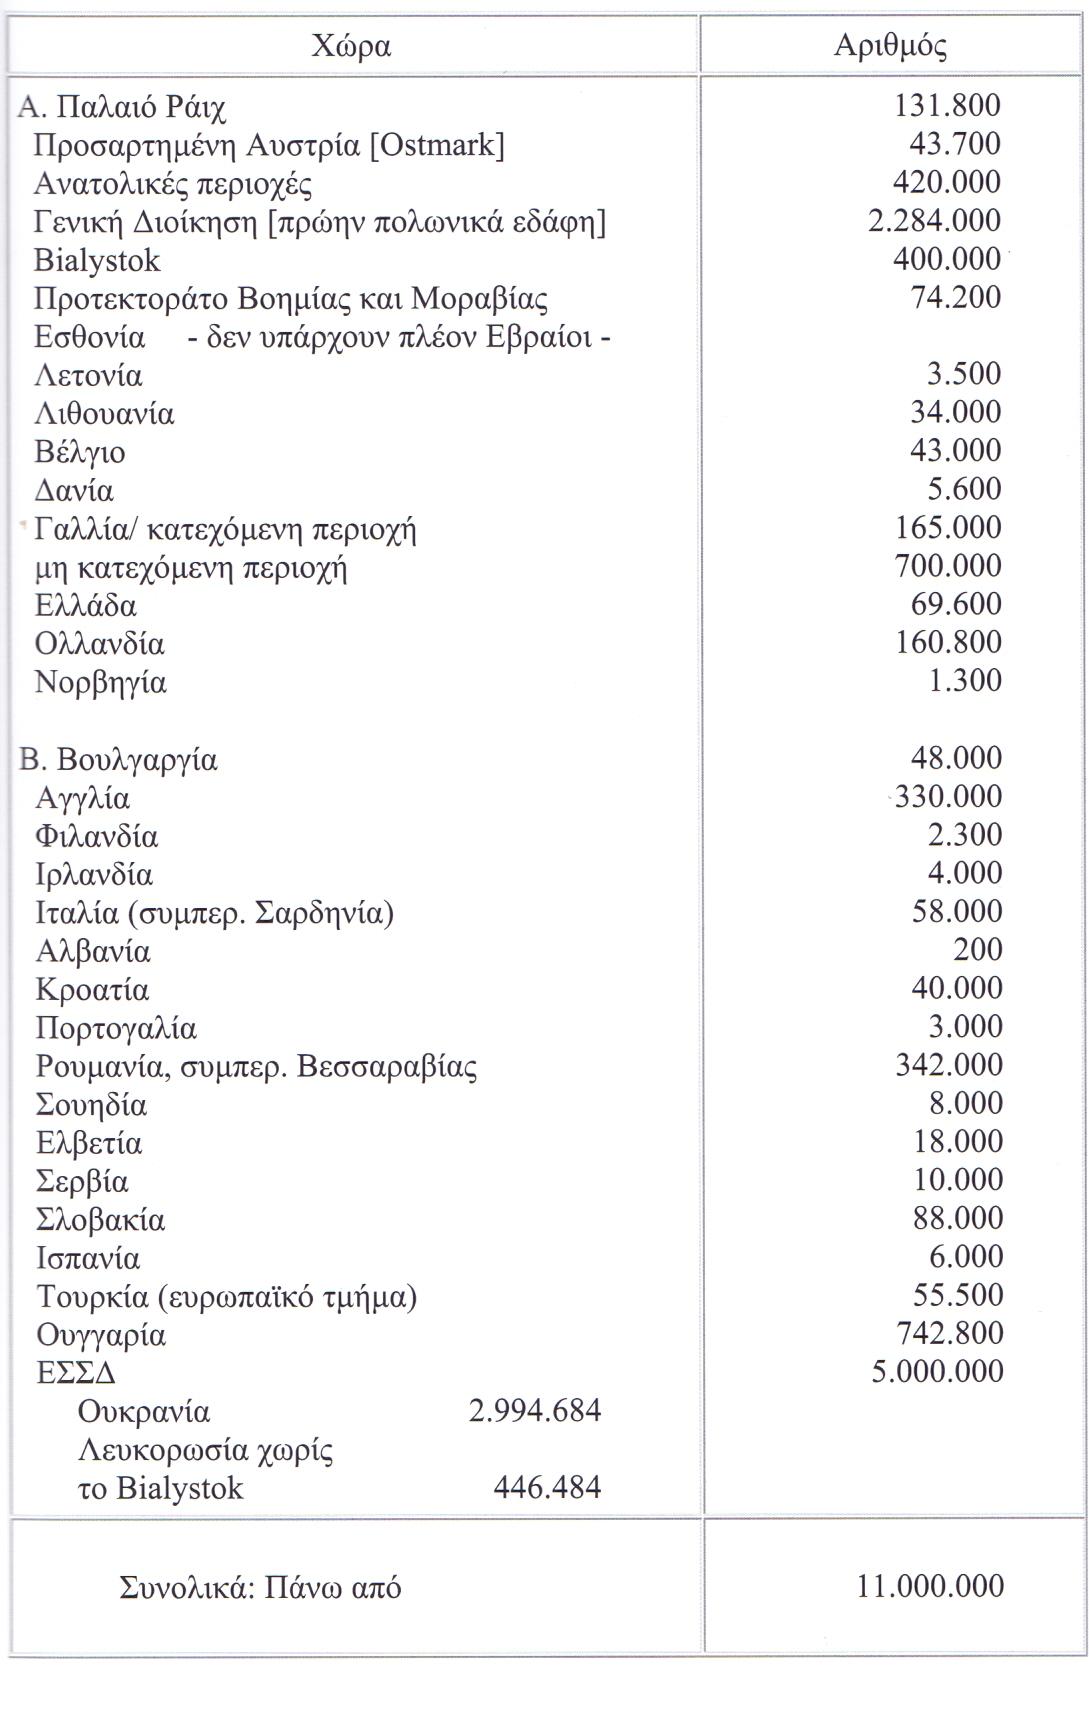 Μεταφρασμένη η σελίδα 6 του πρωτοκόλλου της 20ής Ιανουρίου 1942. Οσον αφορά την τελική λύση, οι Εβραίοι υπολογίζονταν σε 11 εκατ. και κατανέμονταν κατά χώρα όπως στον πίνακα περιγράφεται